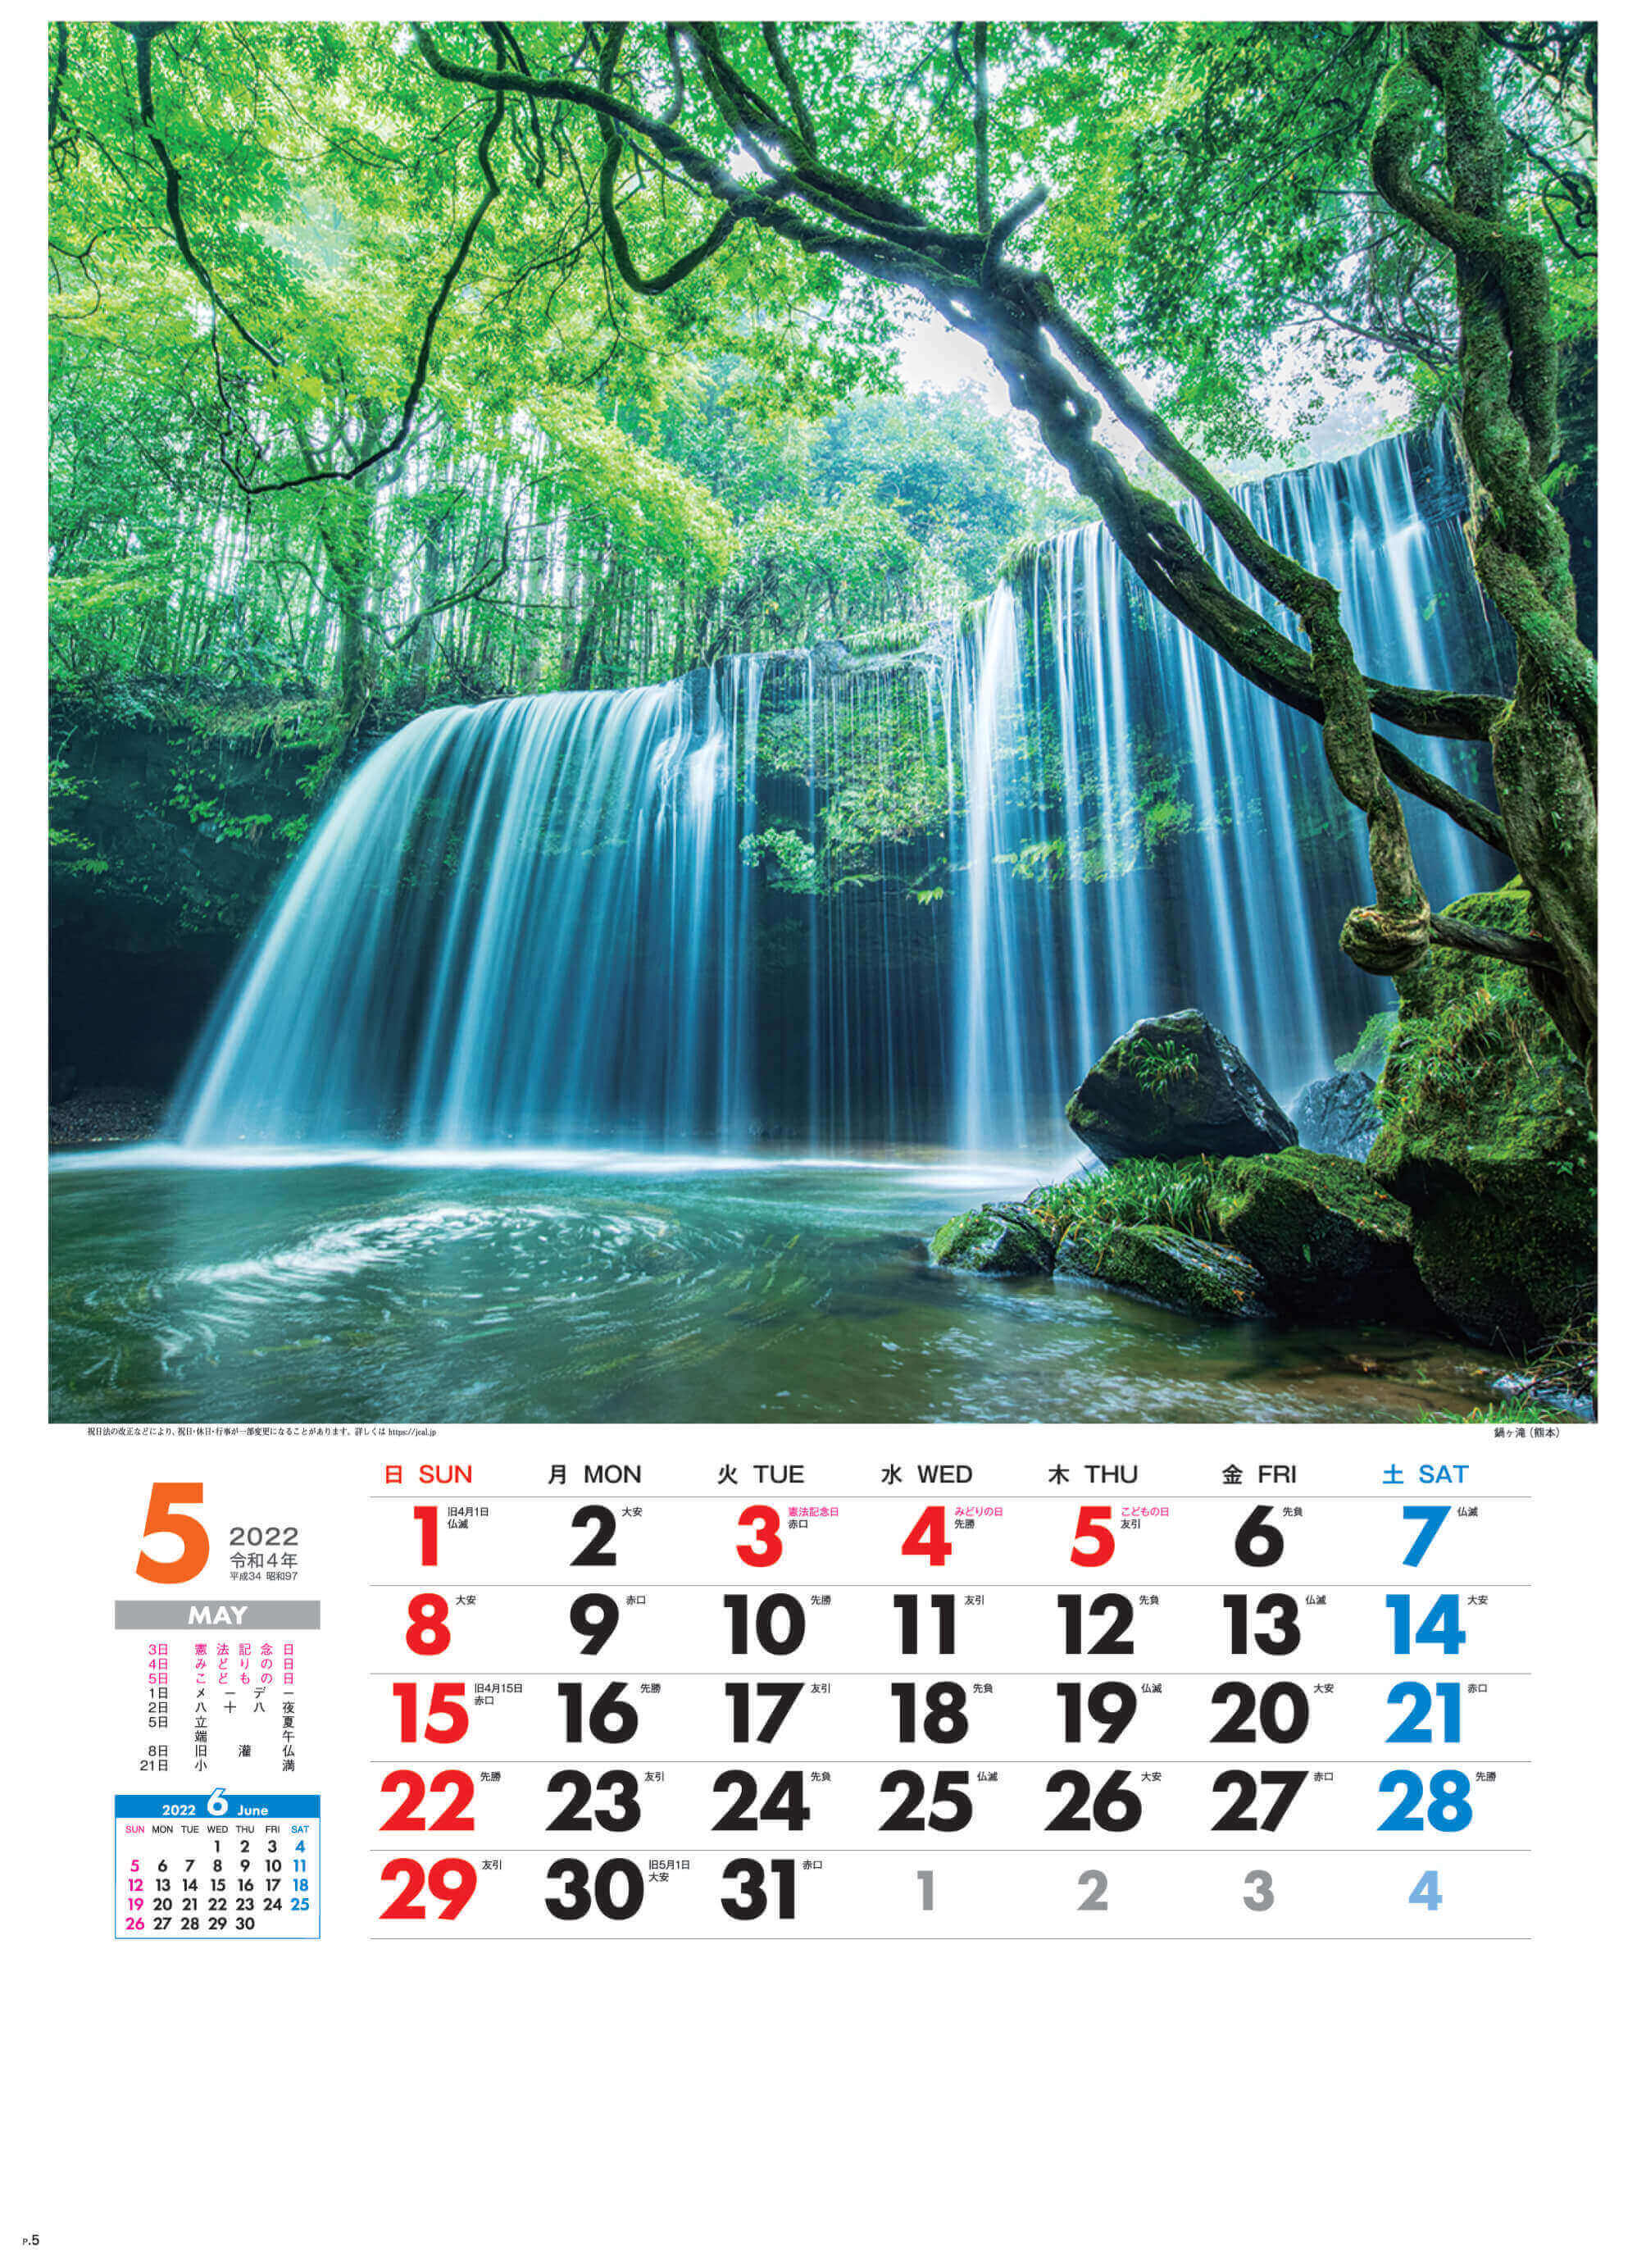 5月 鍋ヶ滝(熊本) 美しき日本 2022年カレンダーの画像